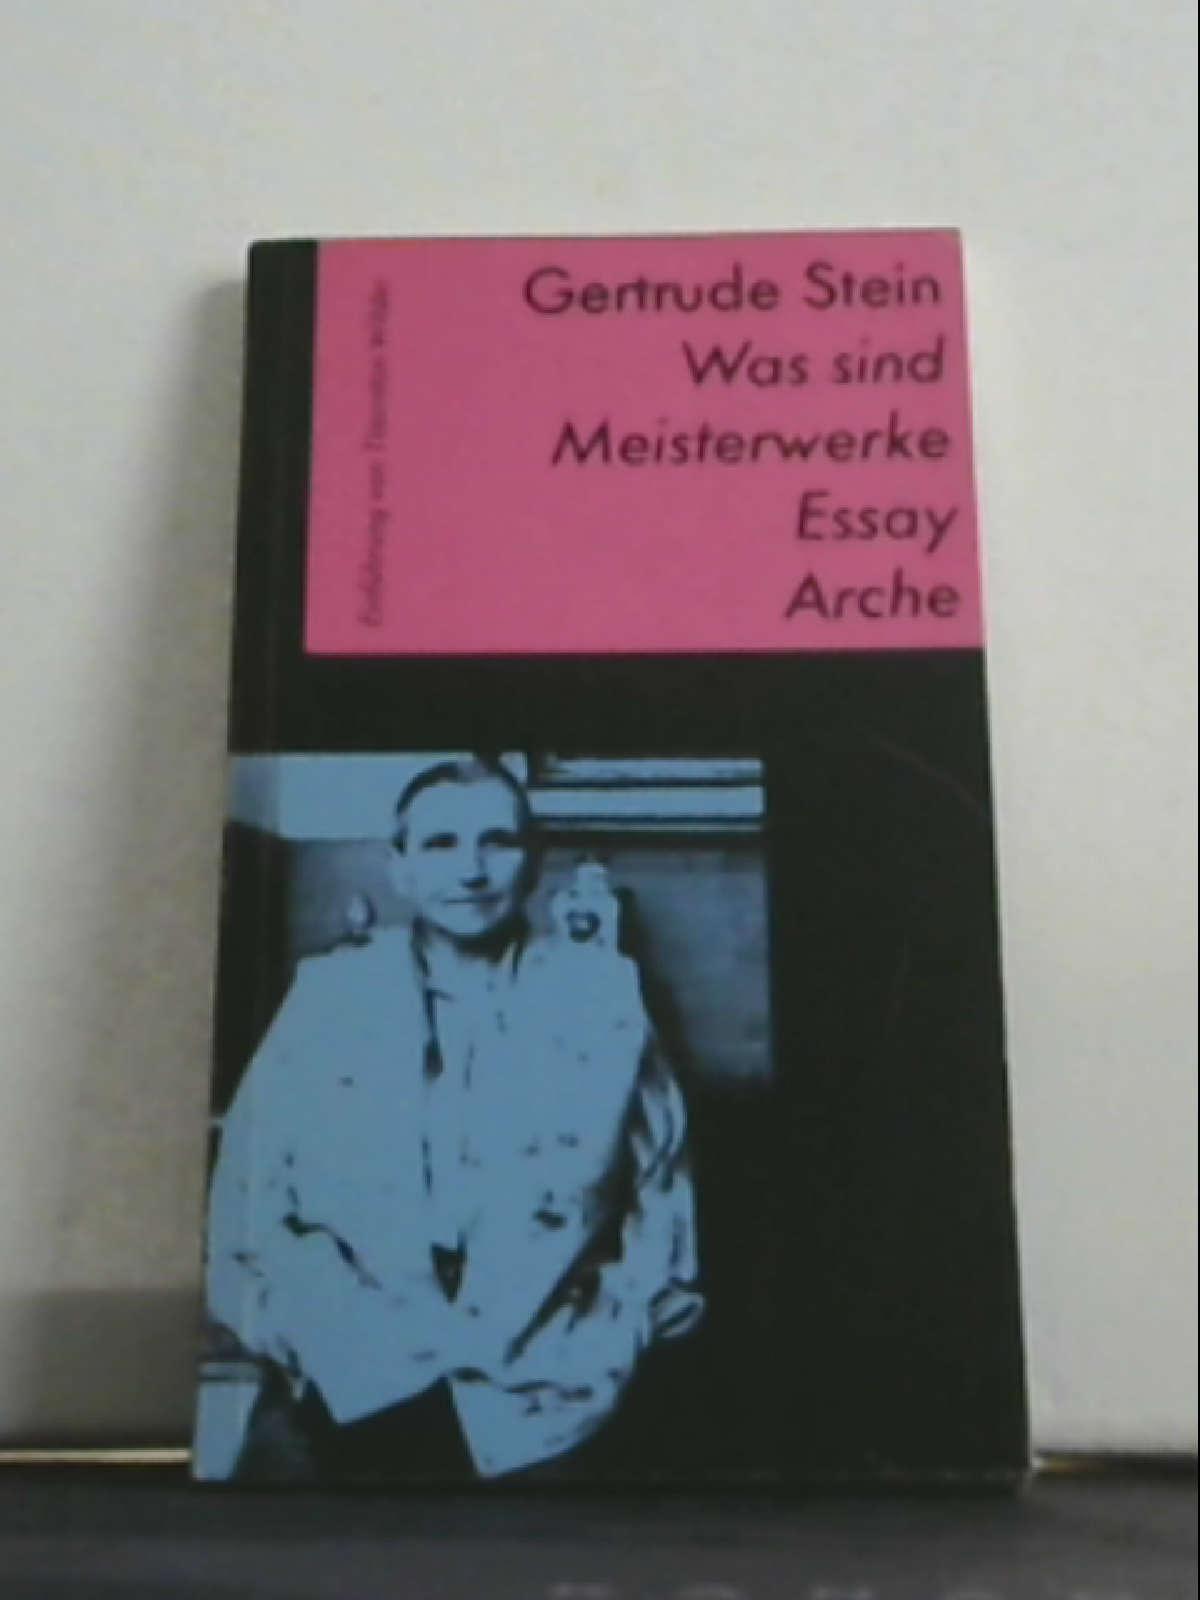 Was sind Meisterwerke: Essay Stein, Gertrude Wilder, Thornton und Stiebel, Marie A - Gertrude Stein